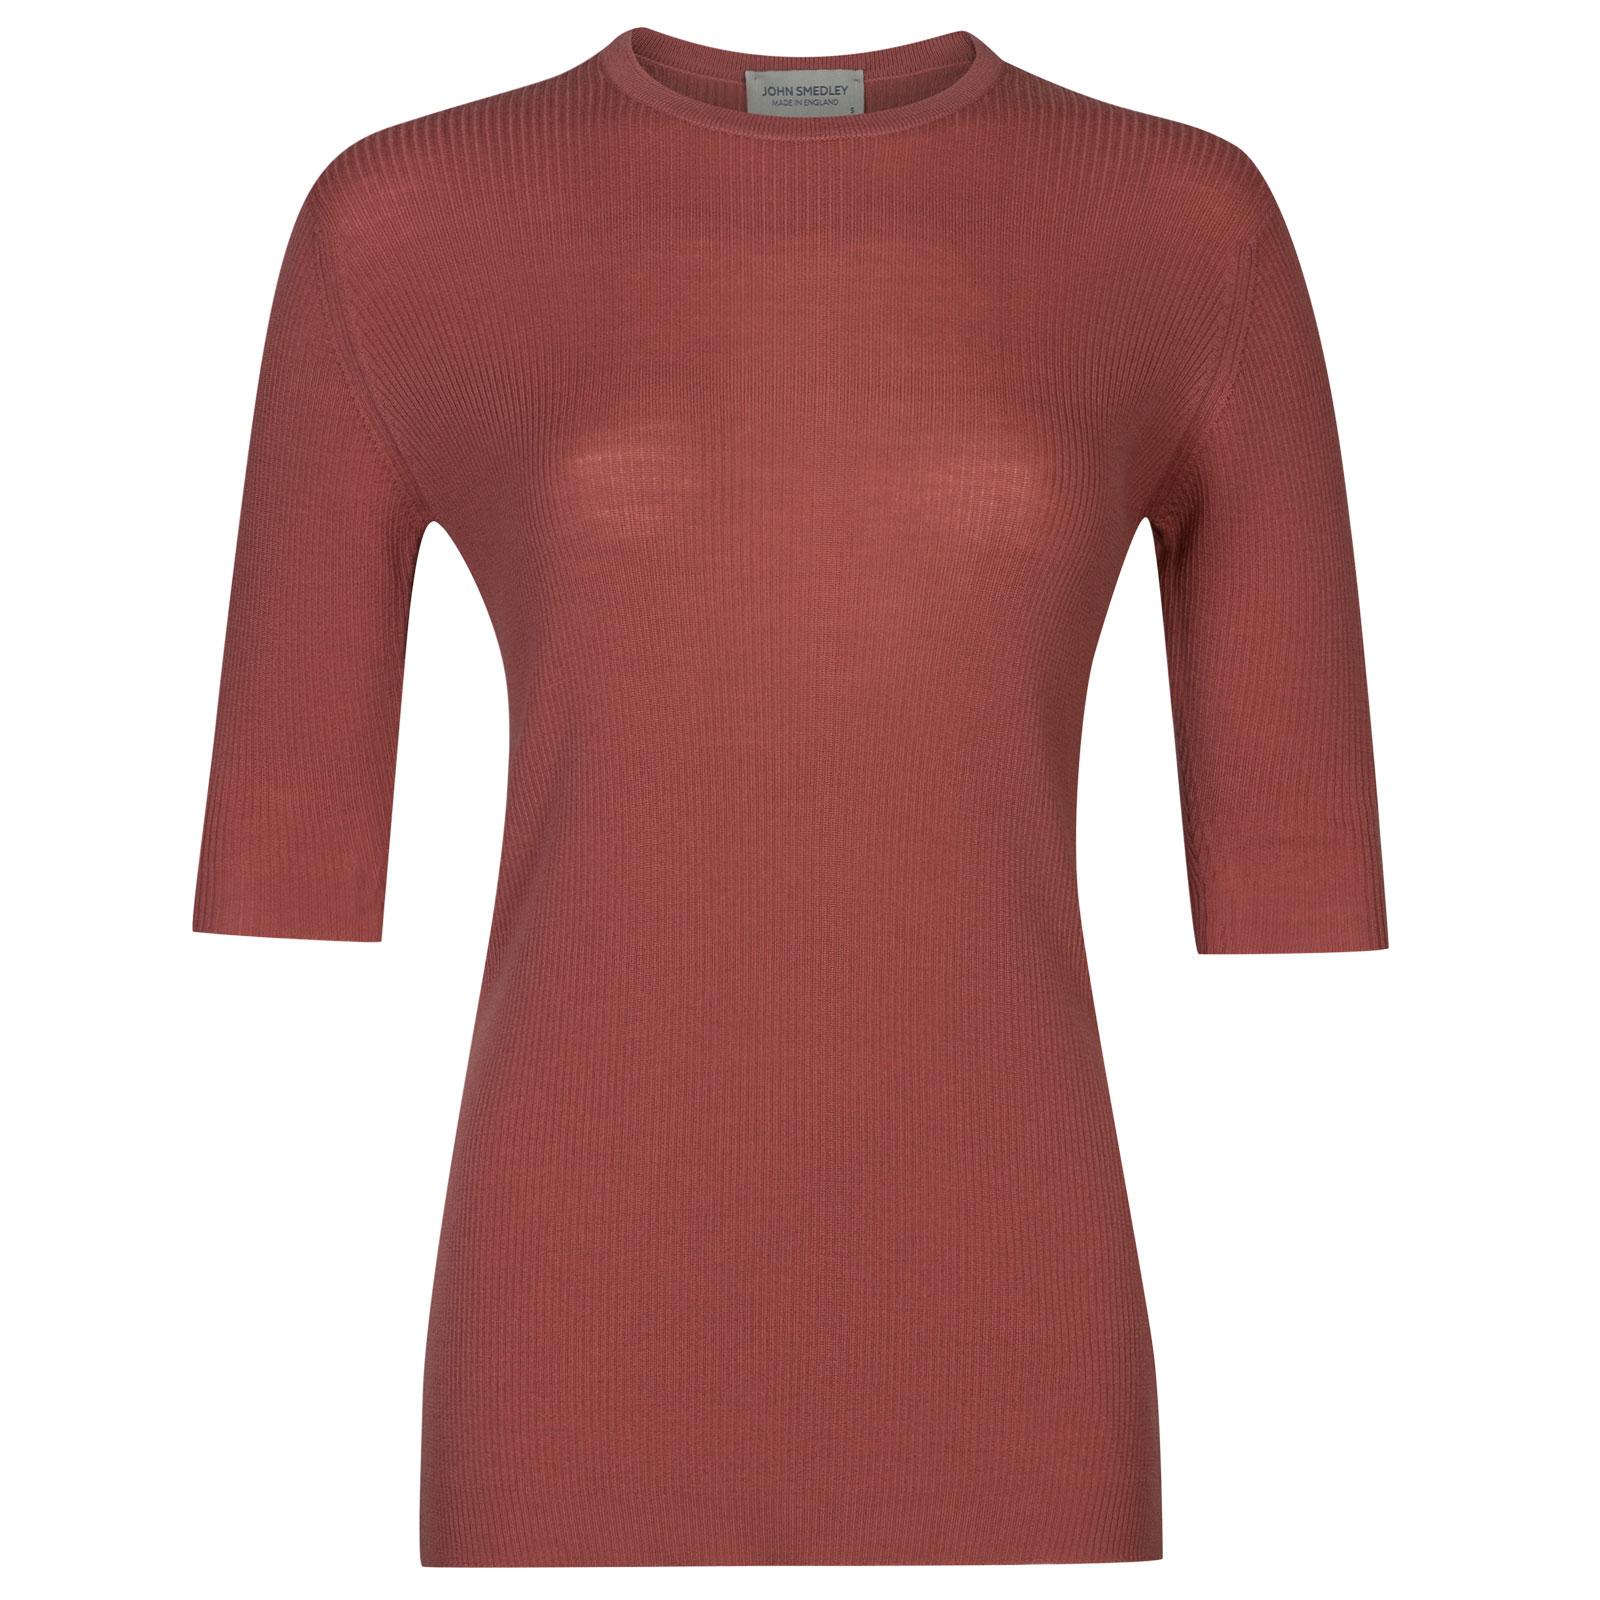 John Smedley wilis Merino Wool Sweater in Stanton Pink-XL